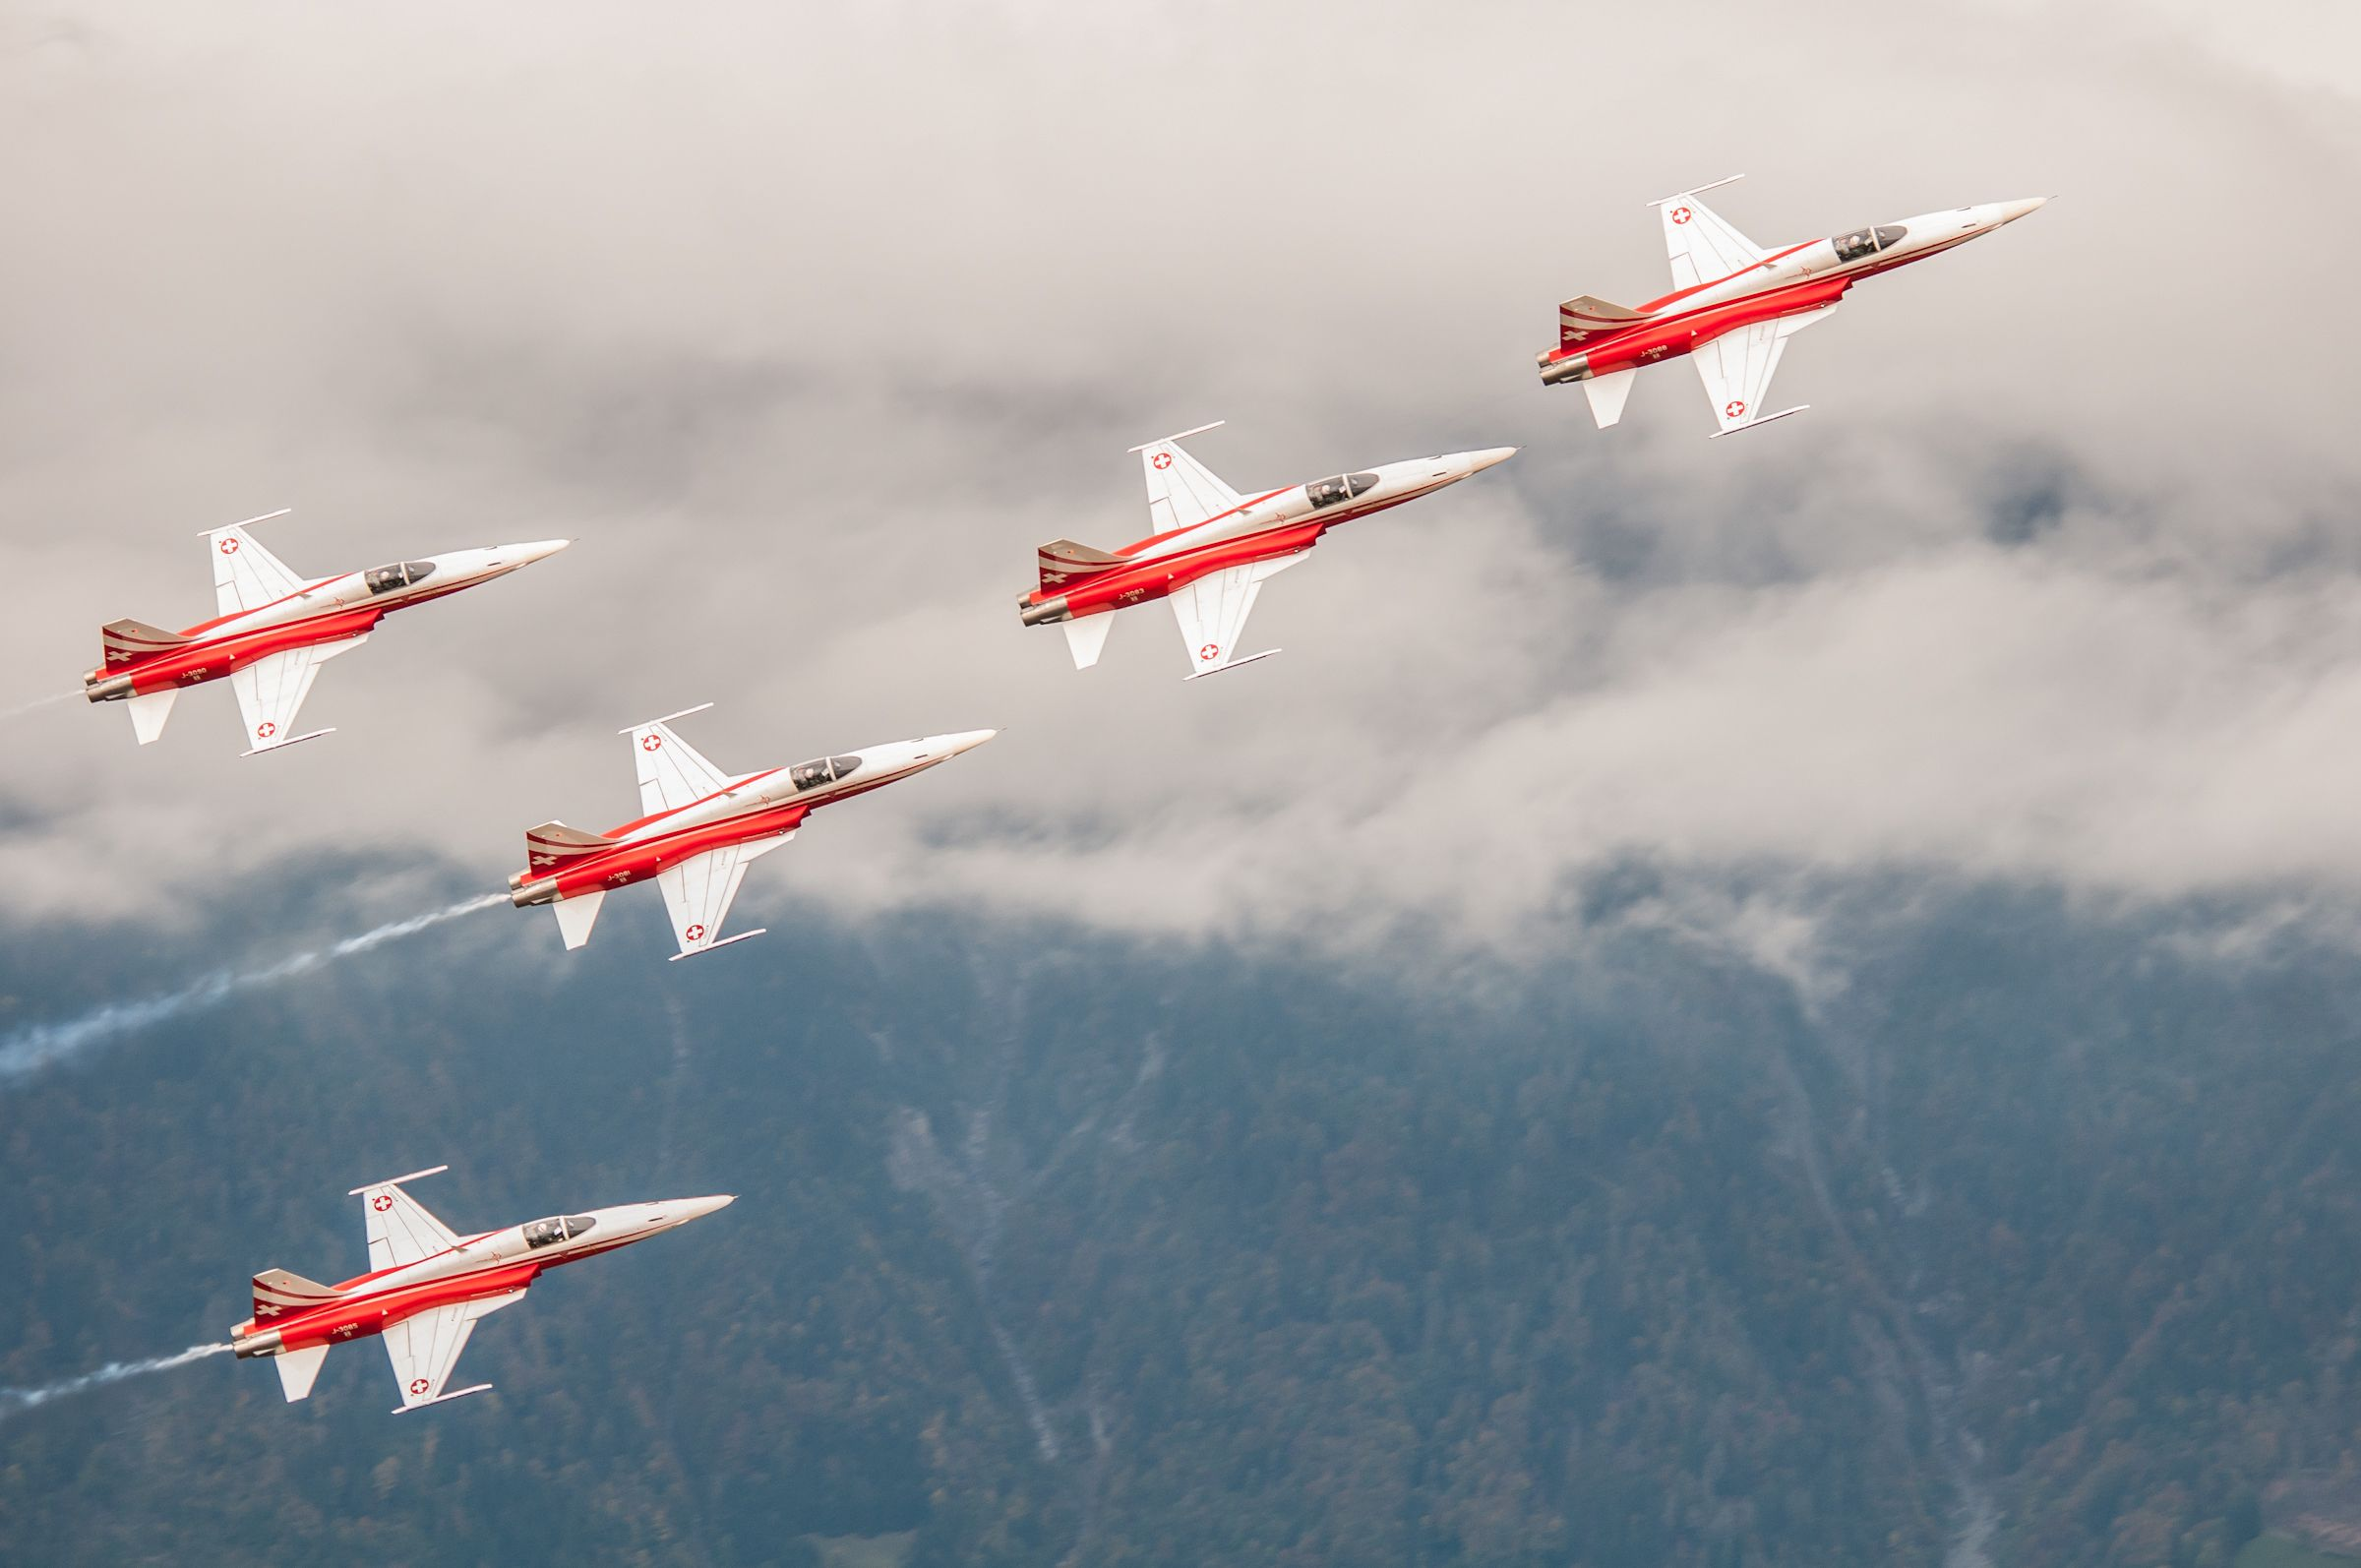 Air force live fire event Axalp 2012 - 10-11 Oct 2012 - Pagina 2 000127s